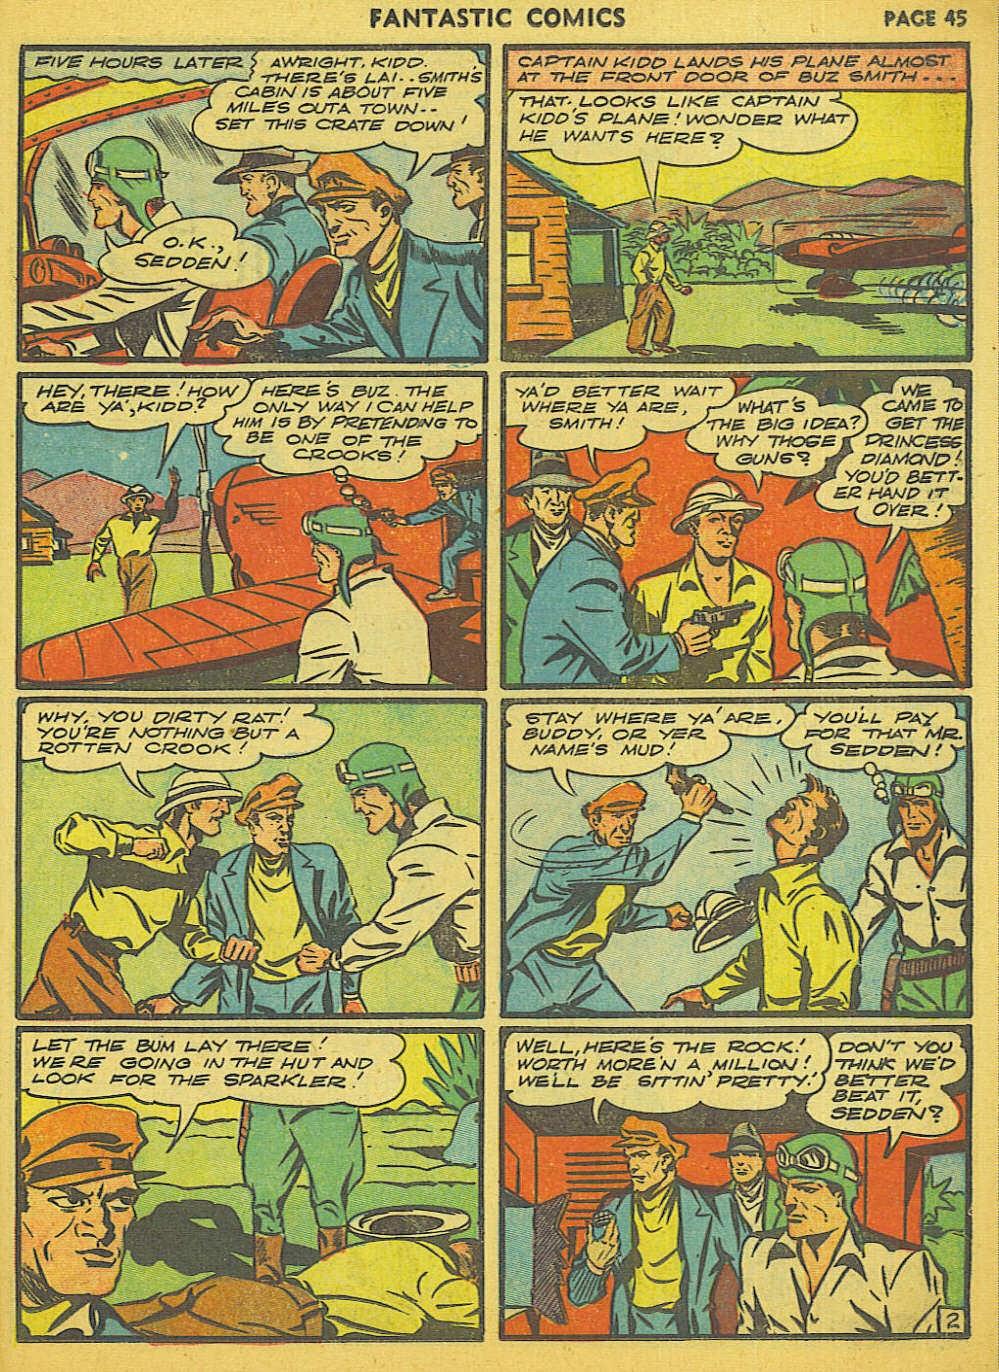 Read online Fantastic Comics comic -  Issue #15 - 39